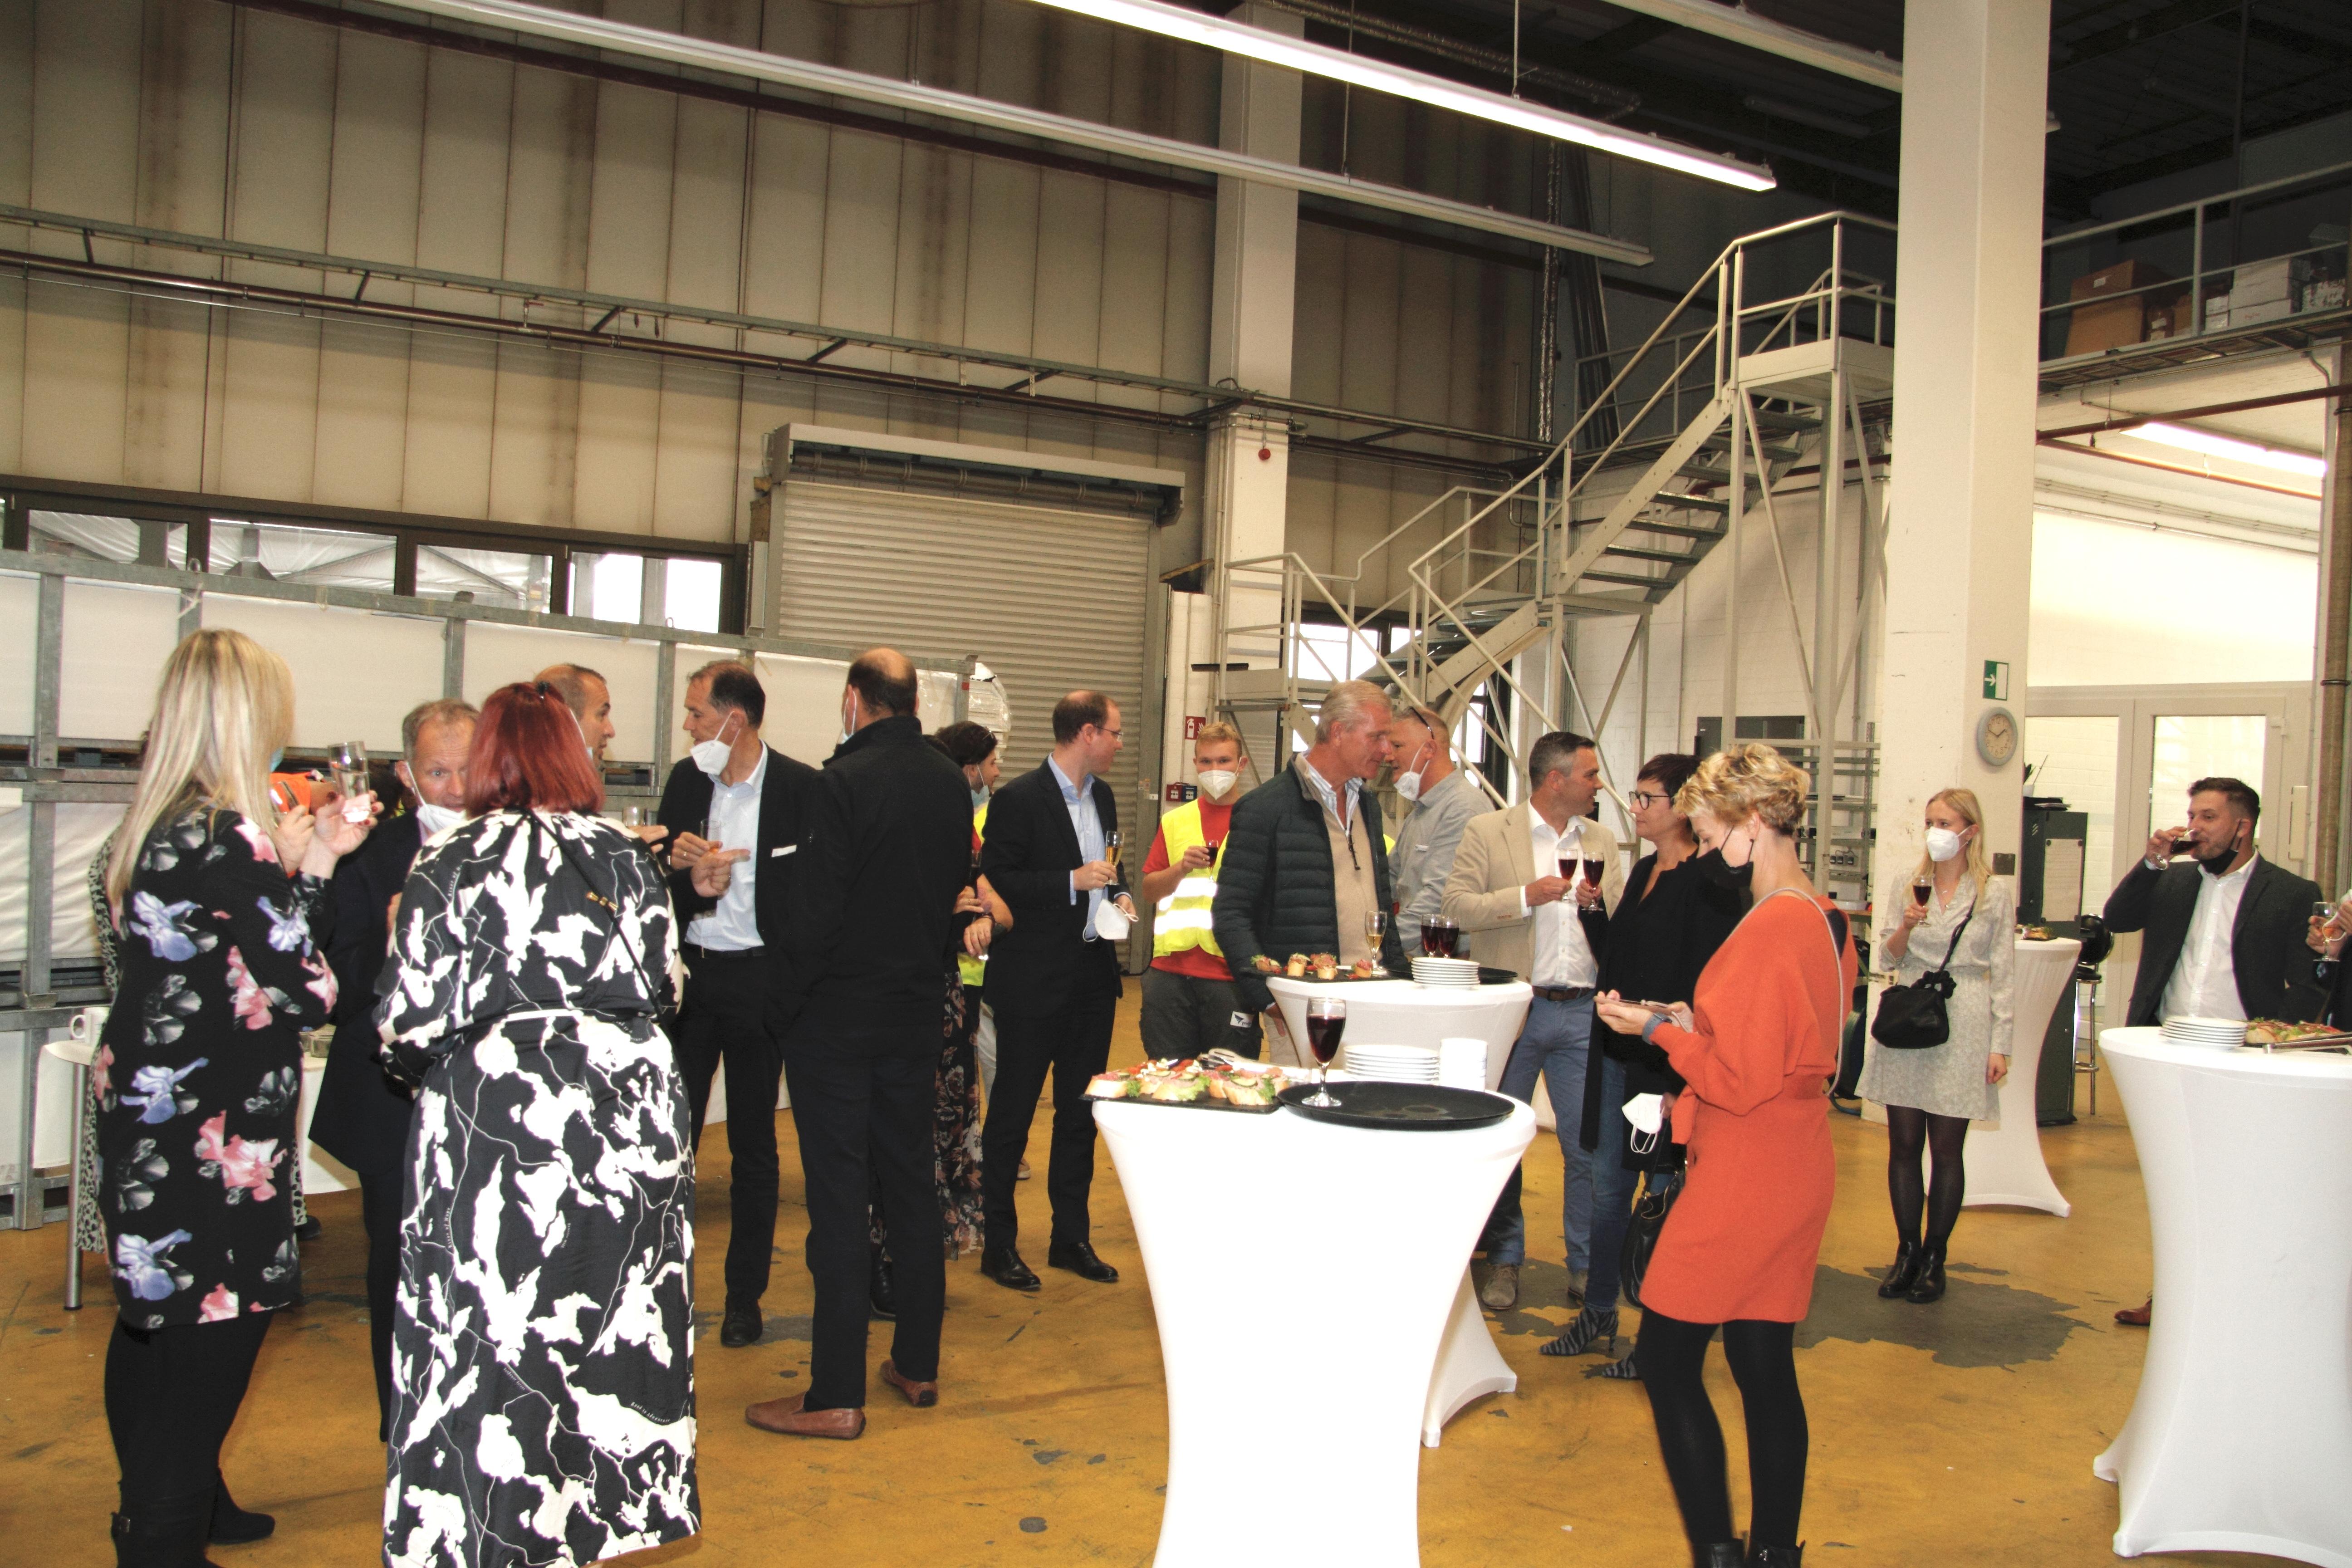 Etwa 30 Kolleginnen und Kollegen und Gäste waren anwesend.